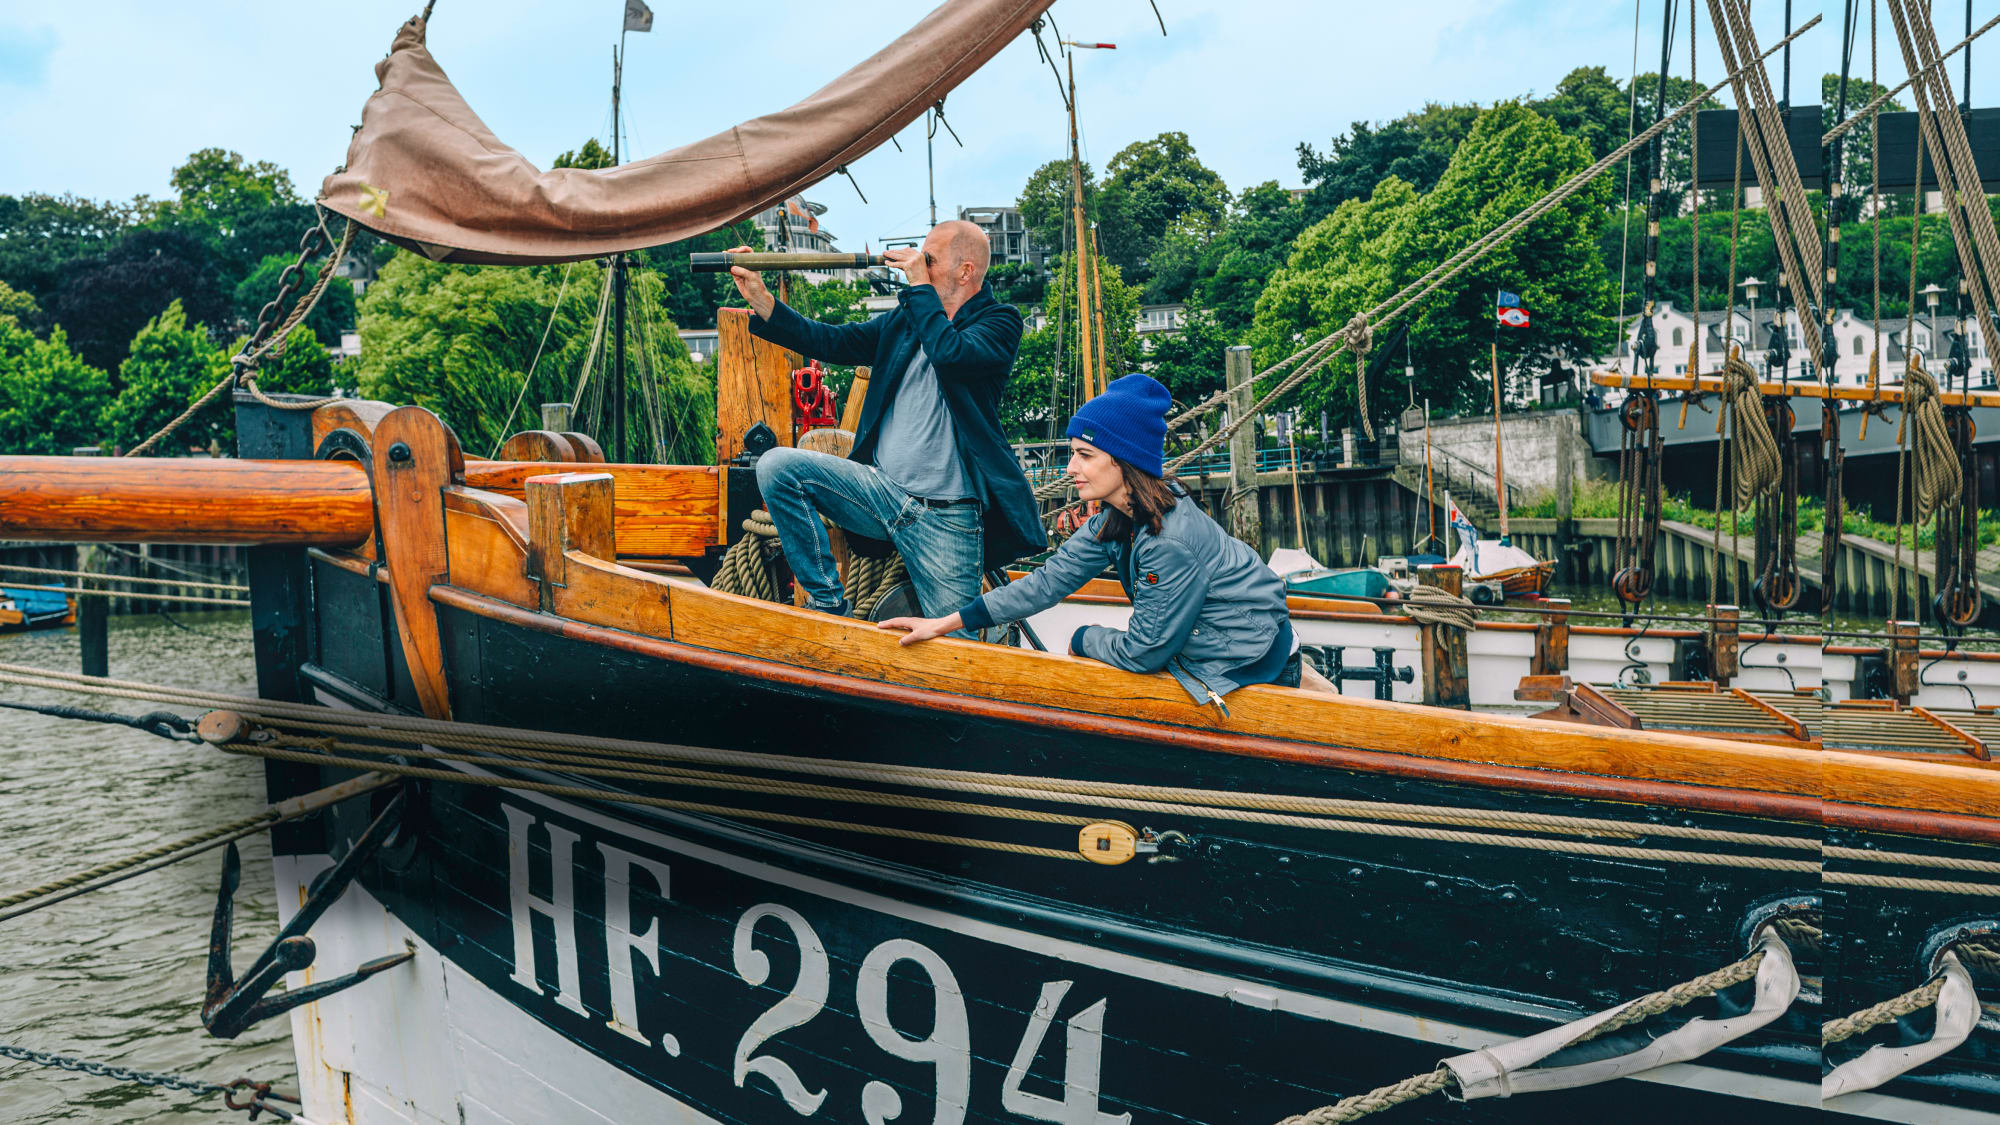 Linda Zervakis und Peter Lohmeyer auf dem Hochseekutter Präsident Freiherr von Maltzahn HF.294 im Museumshafen Oevelgönne